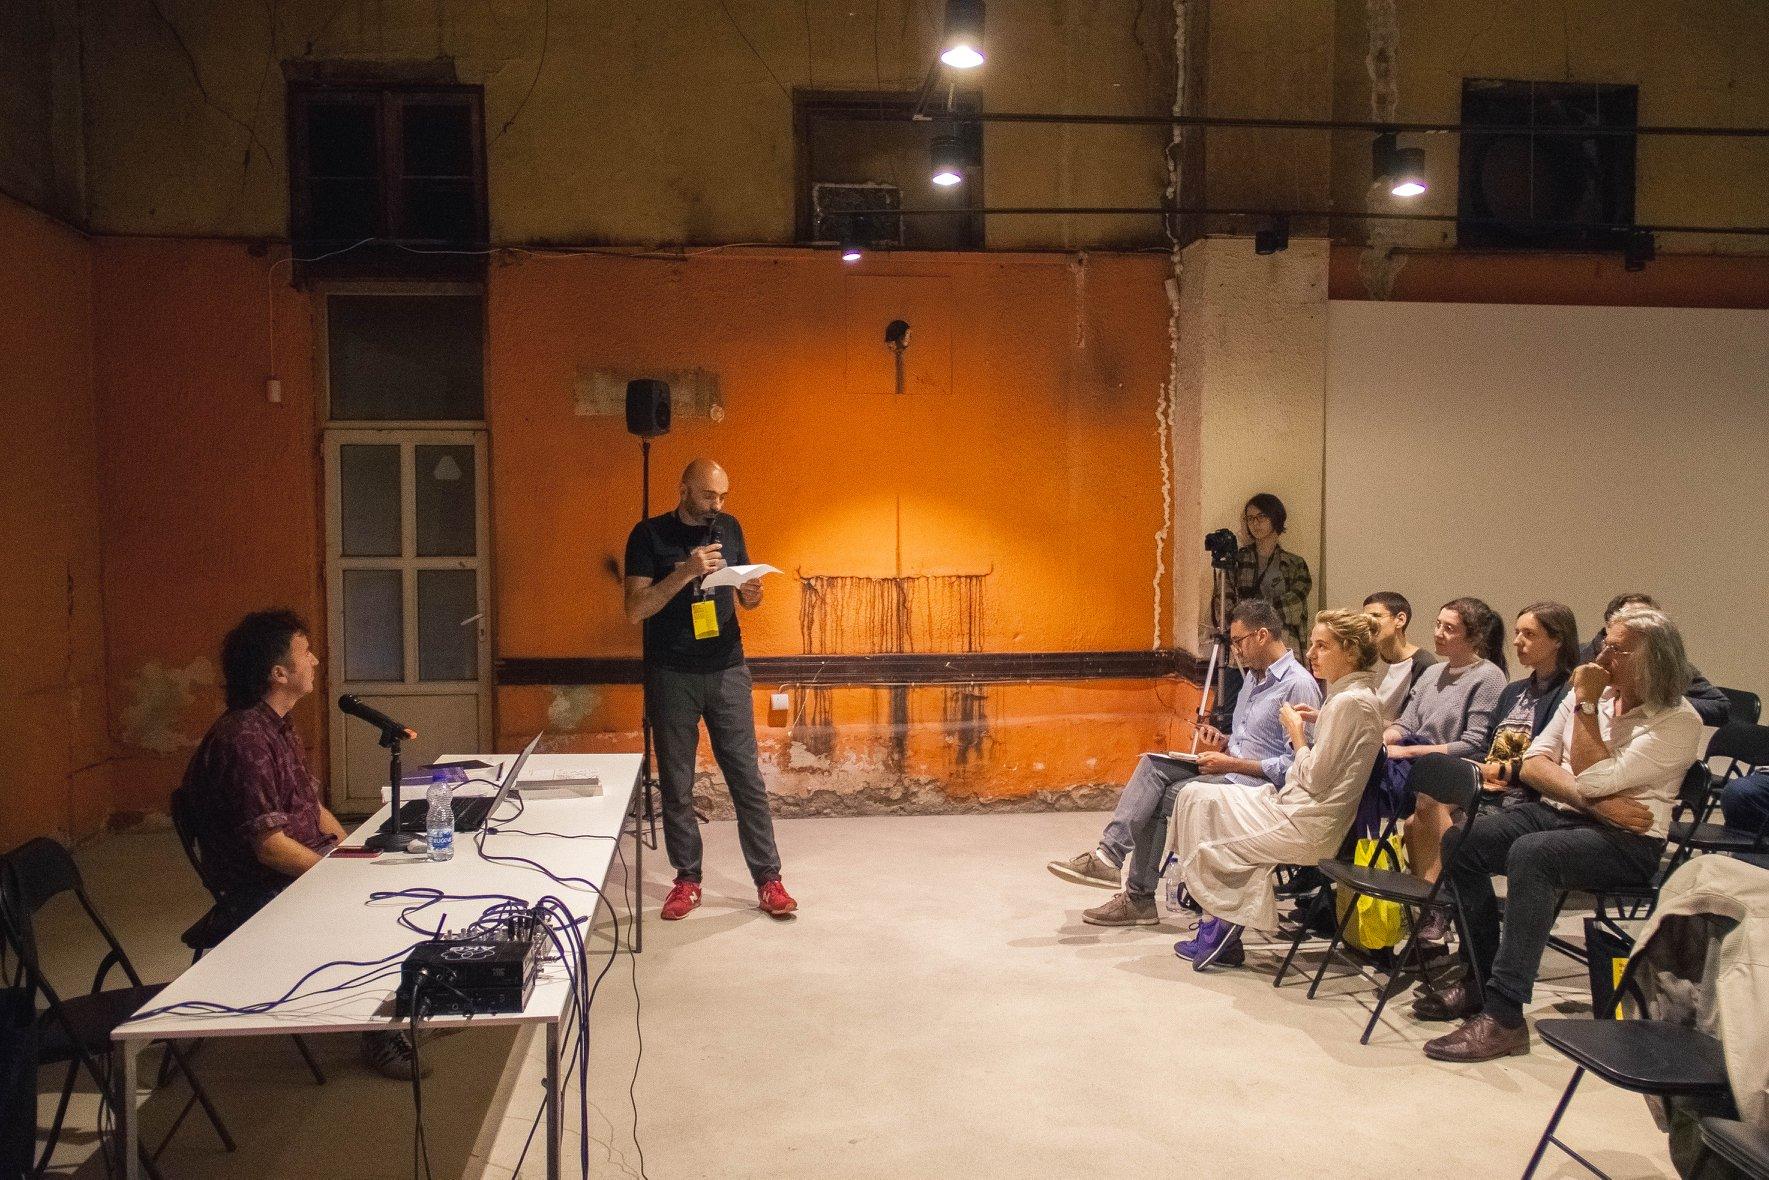 Sezgin Boynik: Mësimi i Teorisë për Studentët e Artit